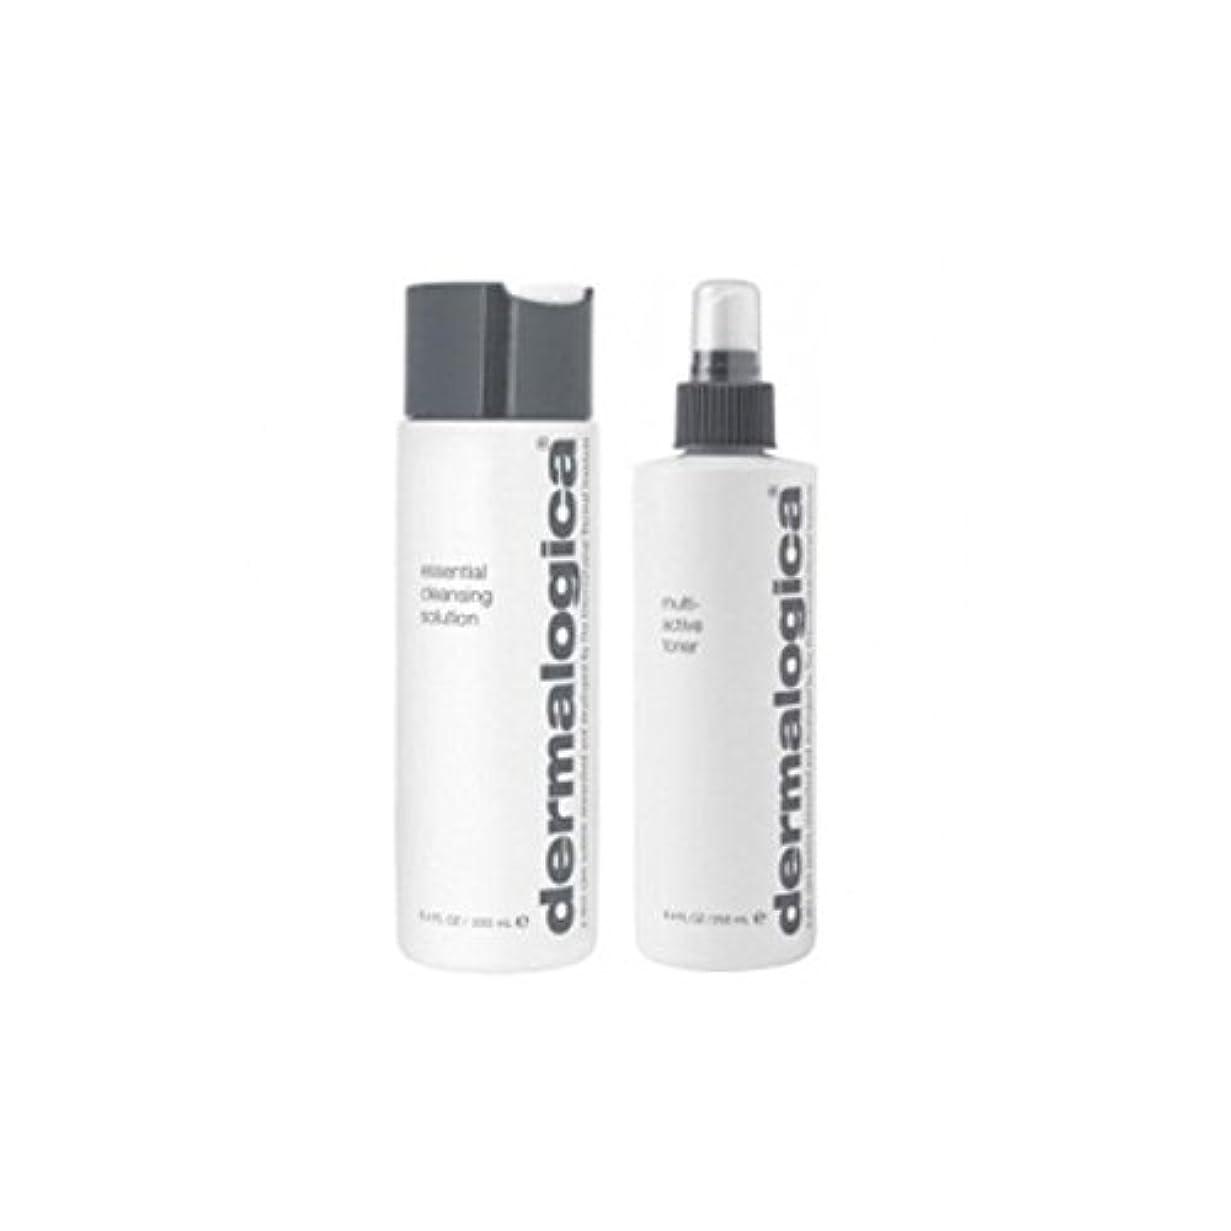 見てよろめくショッキングDermalogica Cleanse & Tone Duo - Dry Skin (Pack of 6) - ダーマロジカクレンジング&トーンデュオ - 乾燥肌 x6 [並行輸入品]